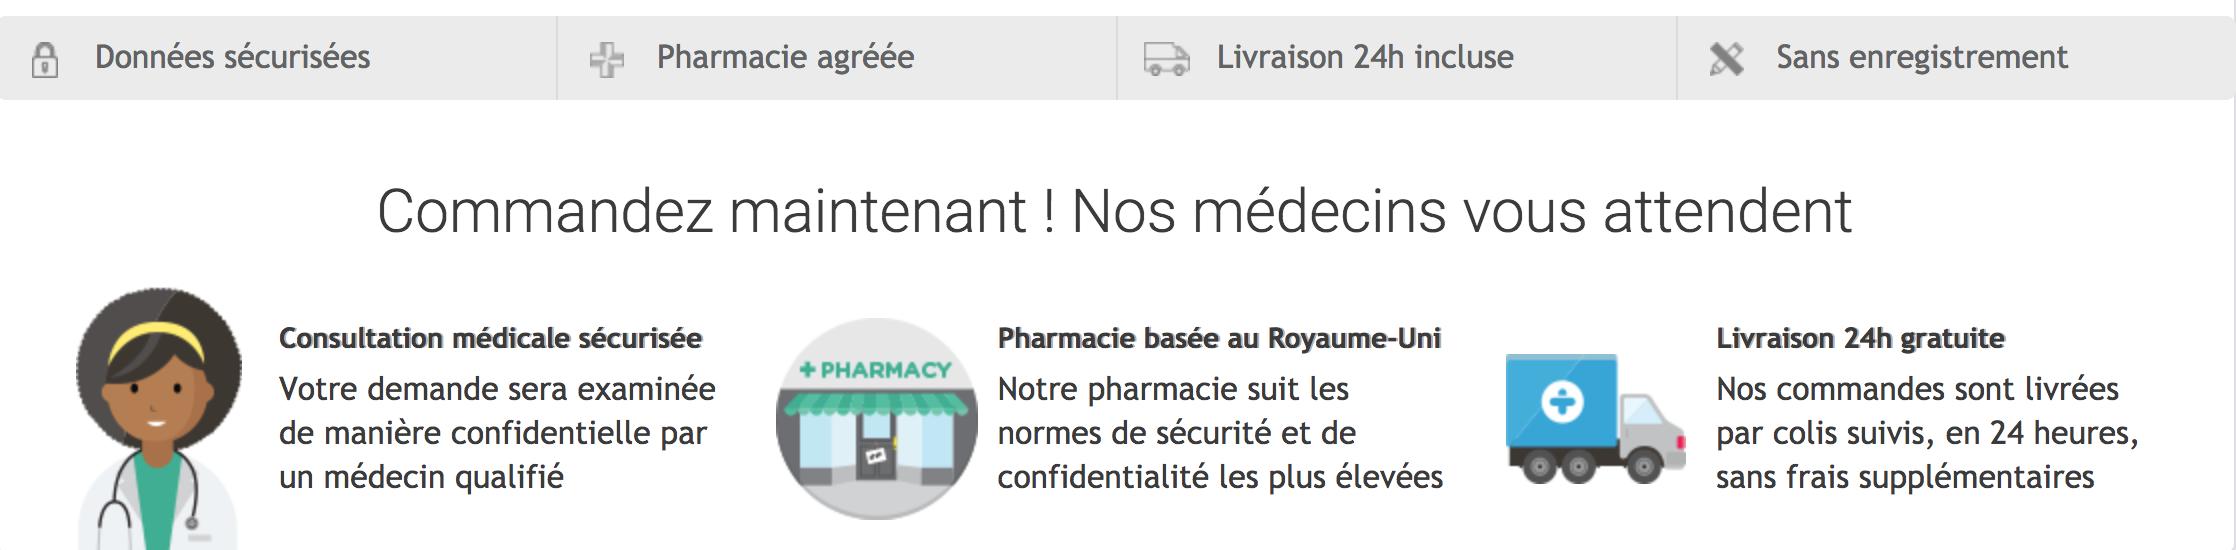 pharmacie-en-ligne-agree